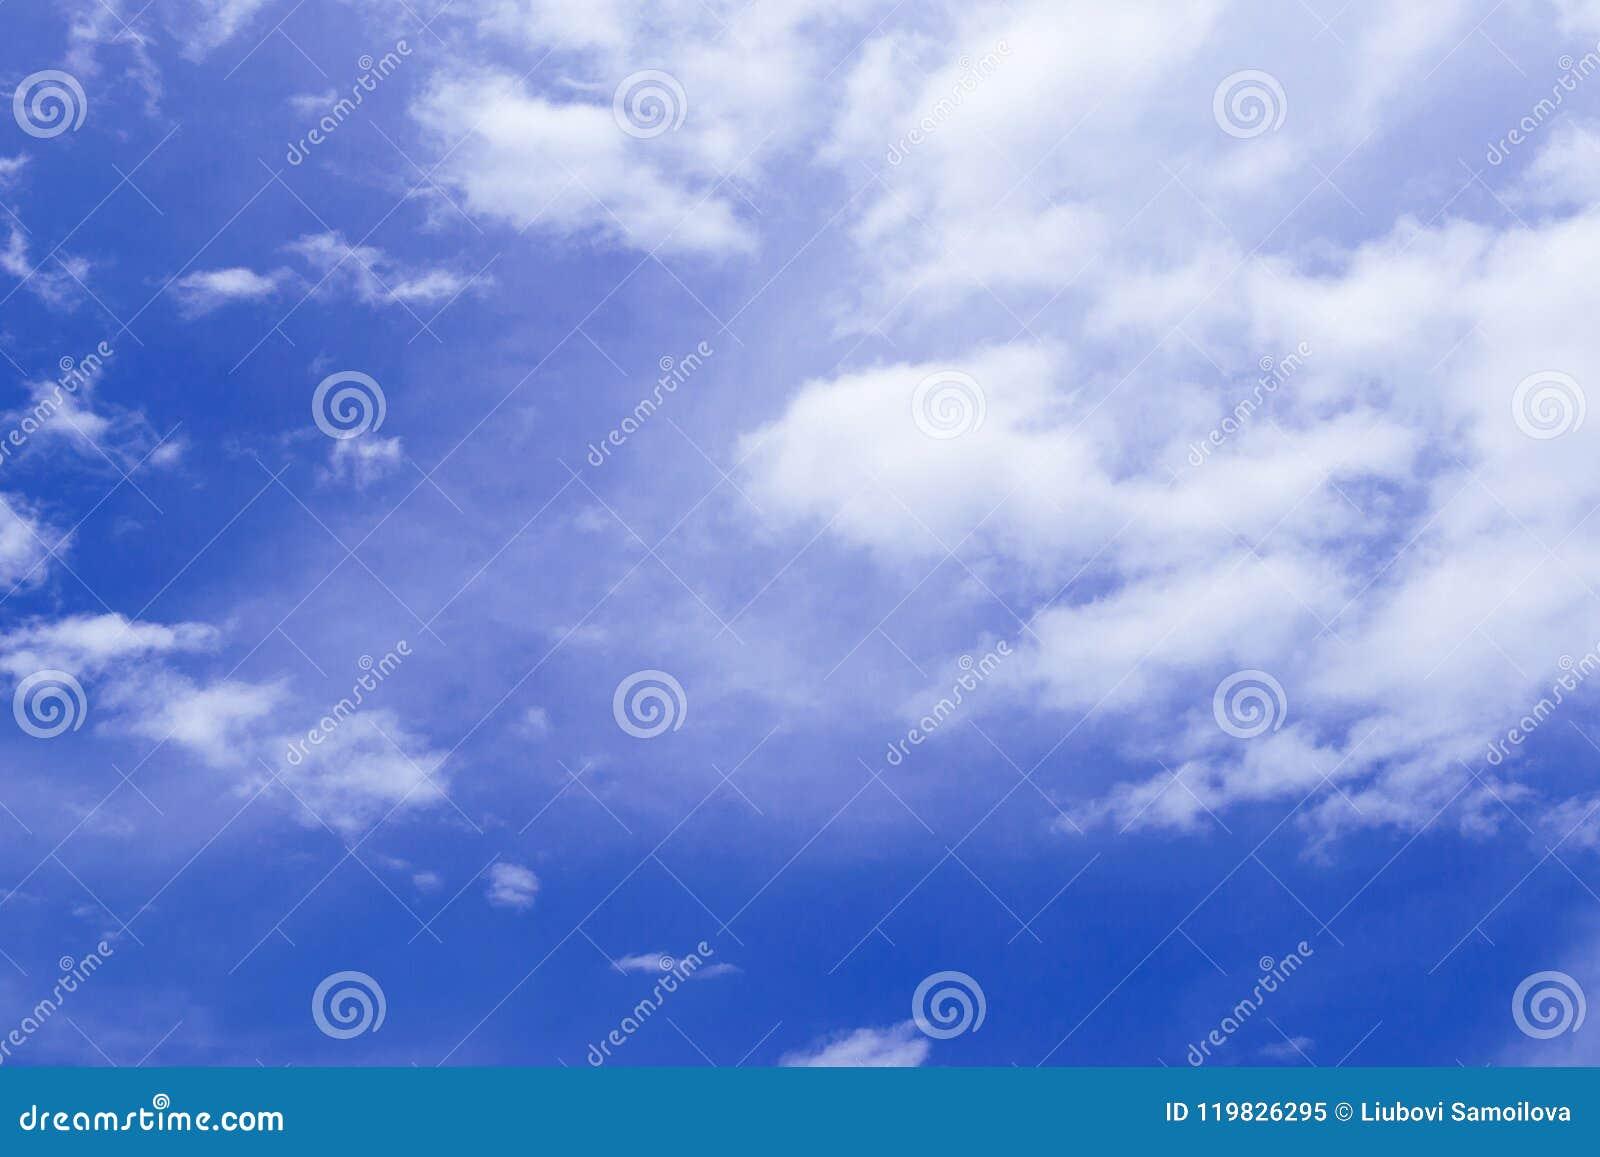 Beauty Cloudy Heaven, Blue Sky.Beautiful Blue Sky With ...